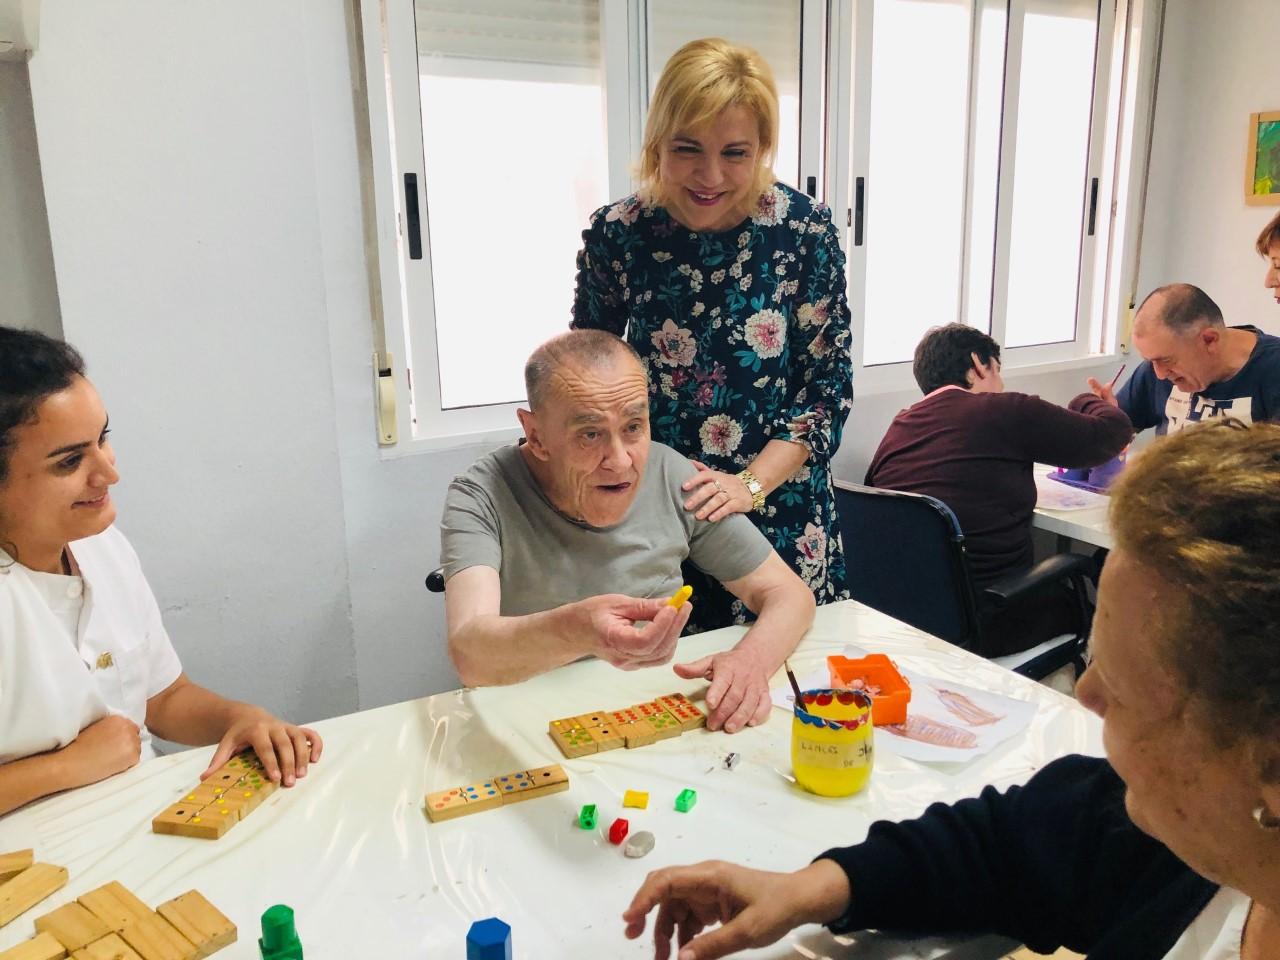 La consejera de Familia e Igualdad de Oportunidades de la Región de Murcia visita el Centro de Día de Fundación AFIM